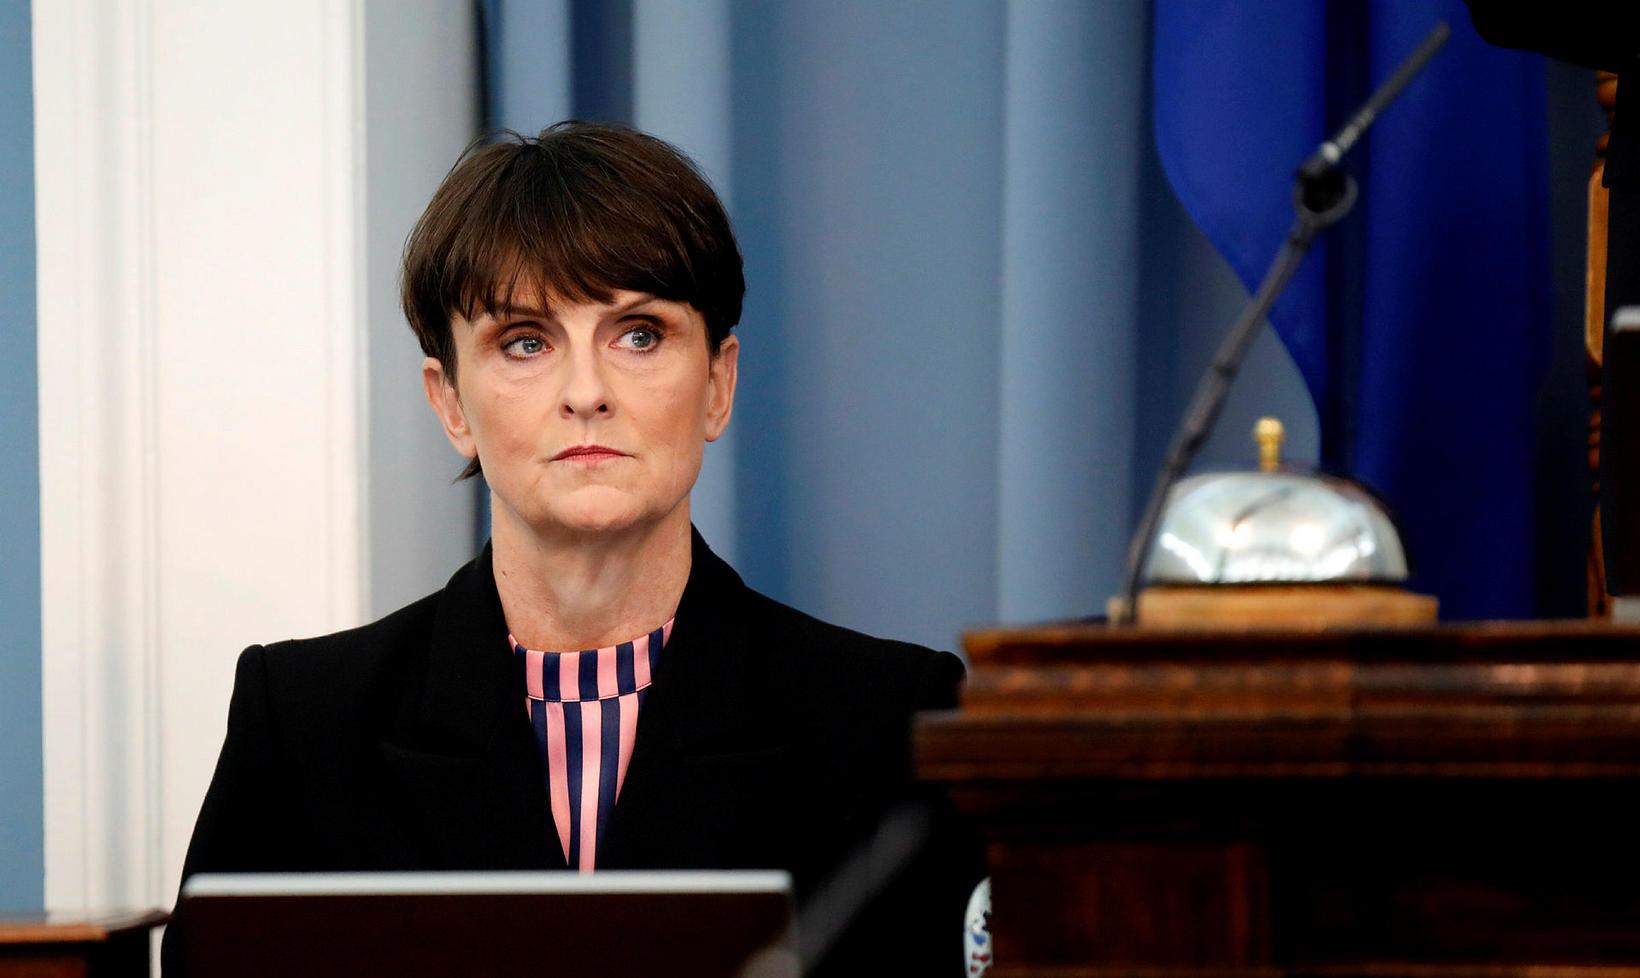 Ragna Árnadóttir.